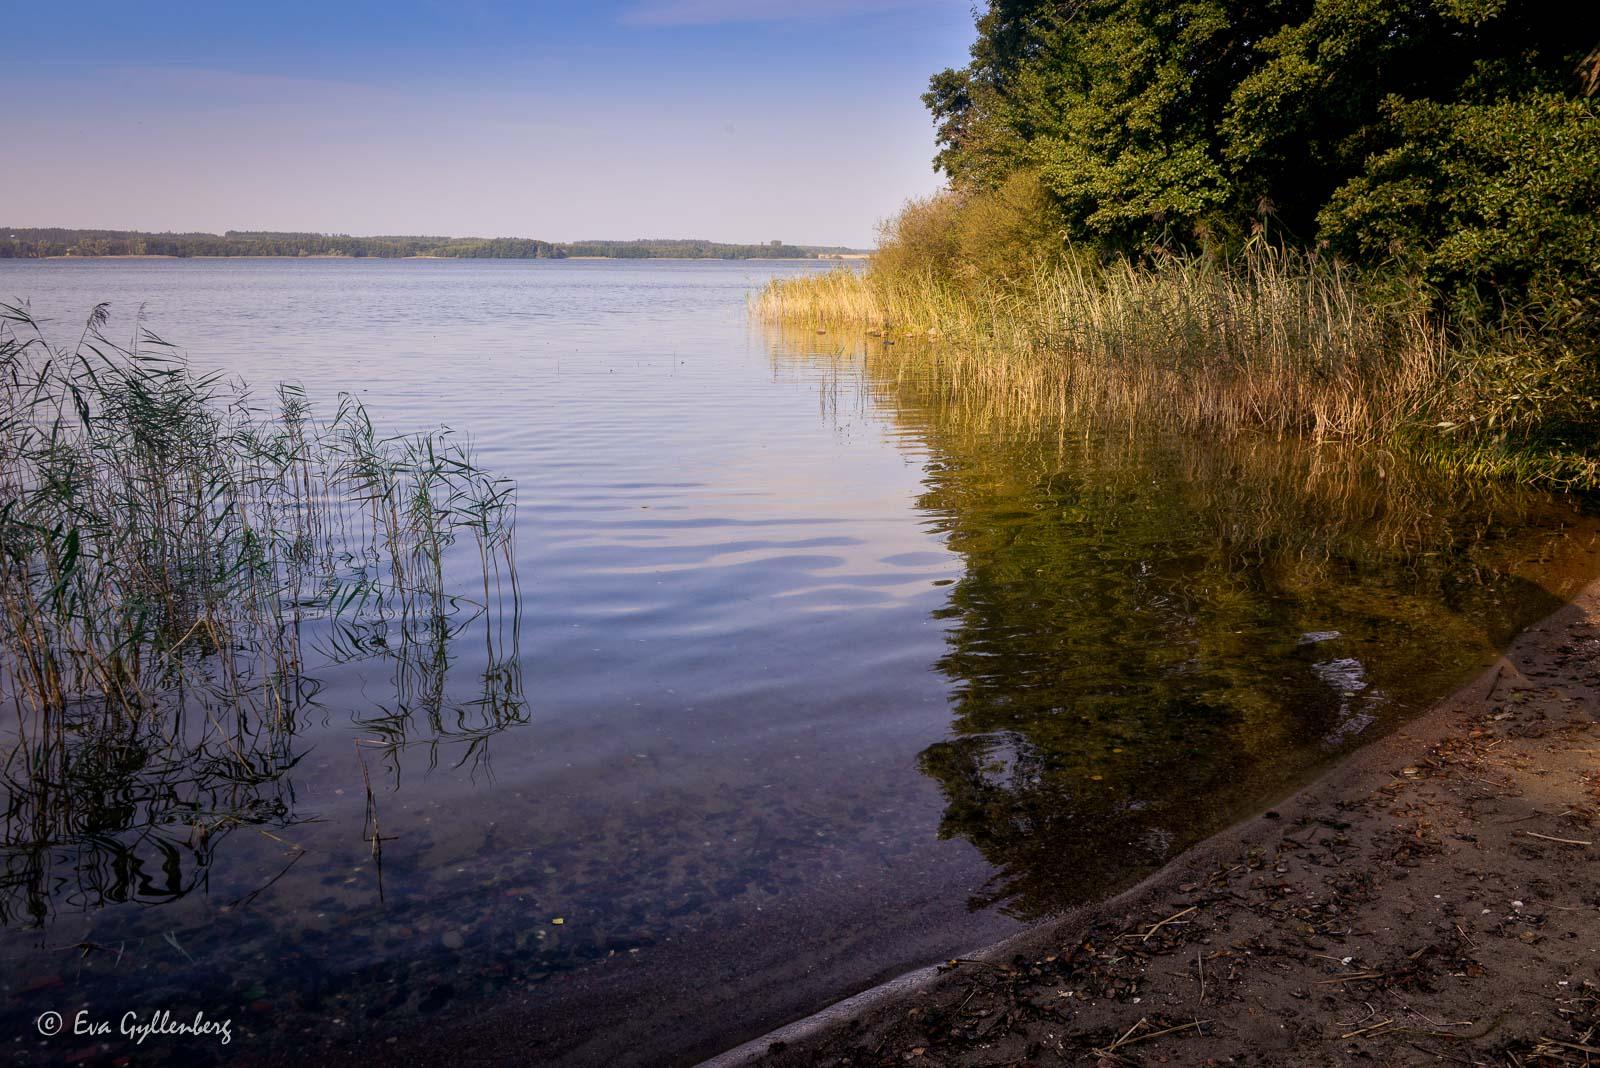 Strand vid Oppmannasjön vid Bäckaskog slott